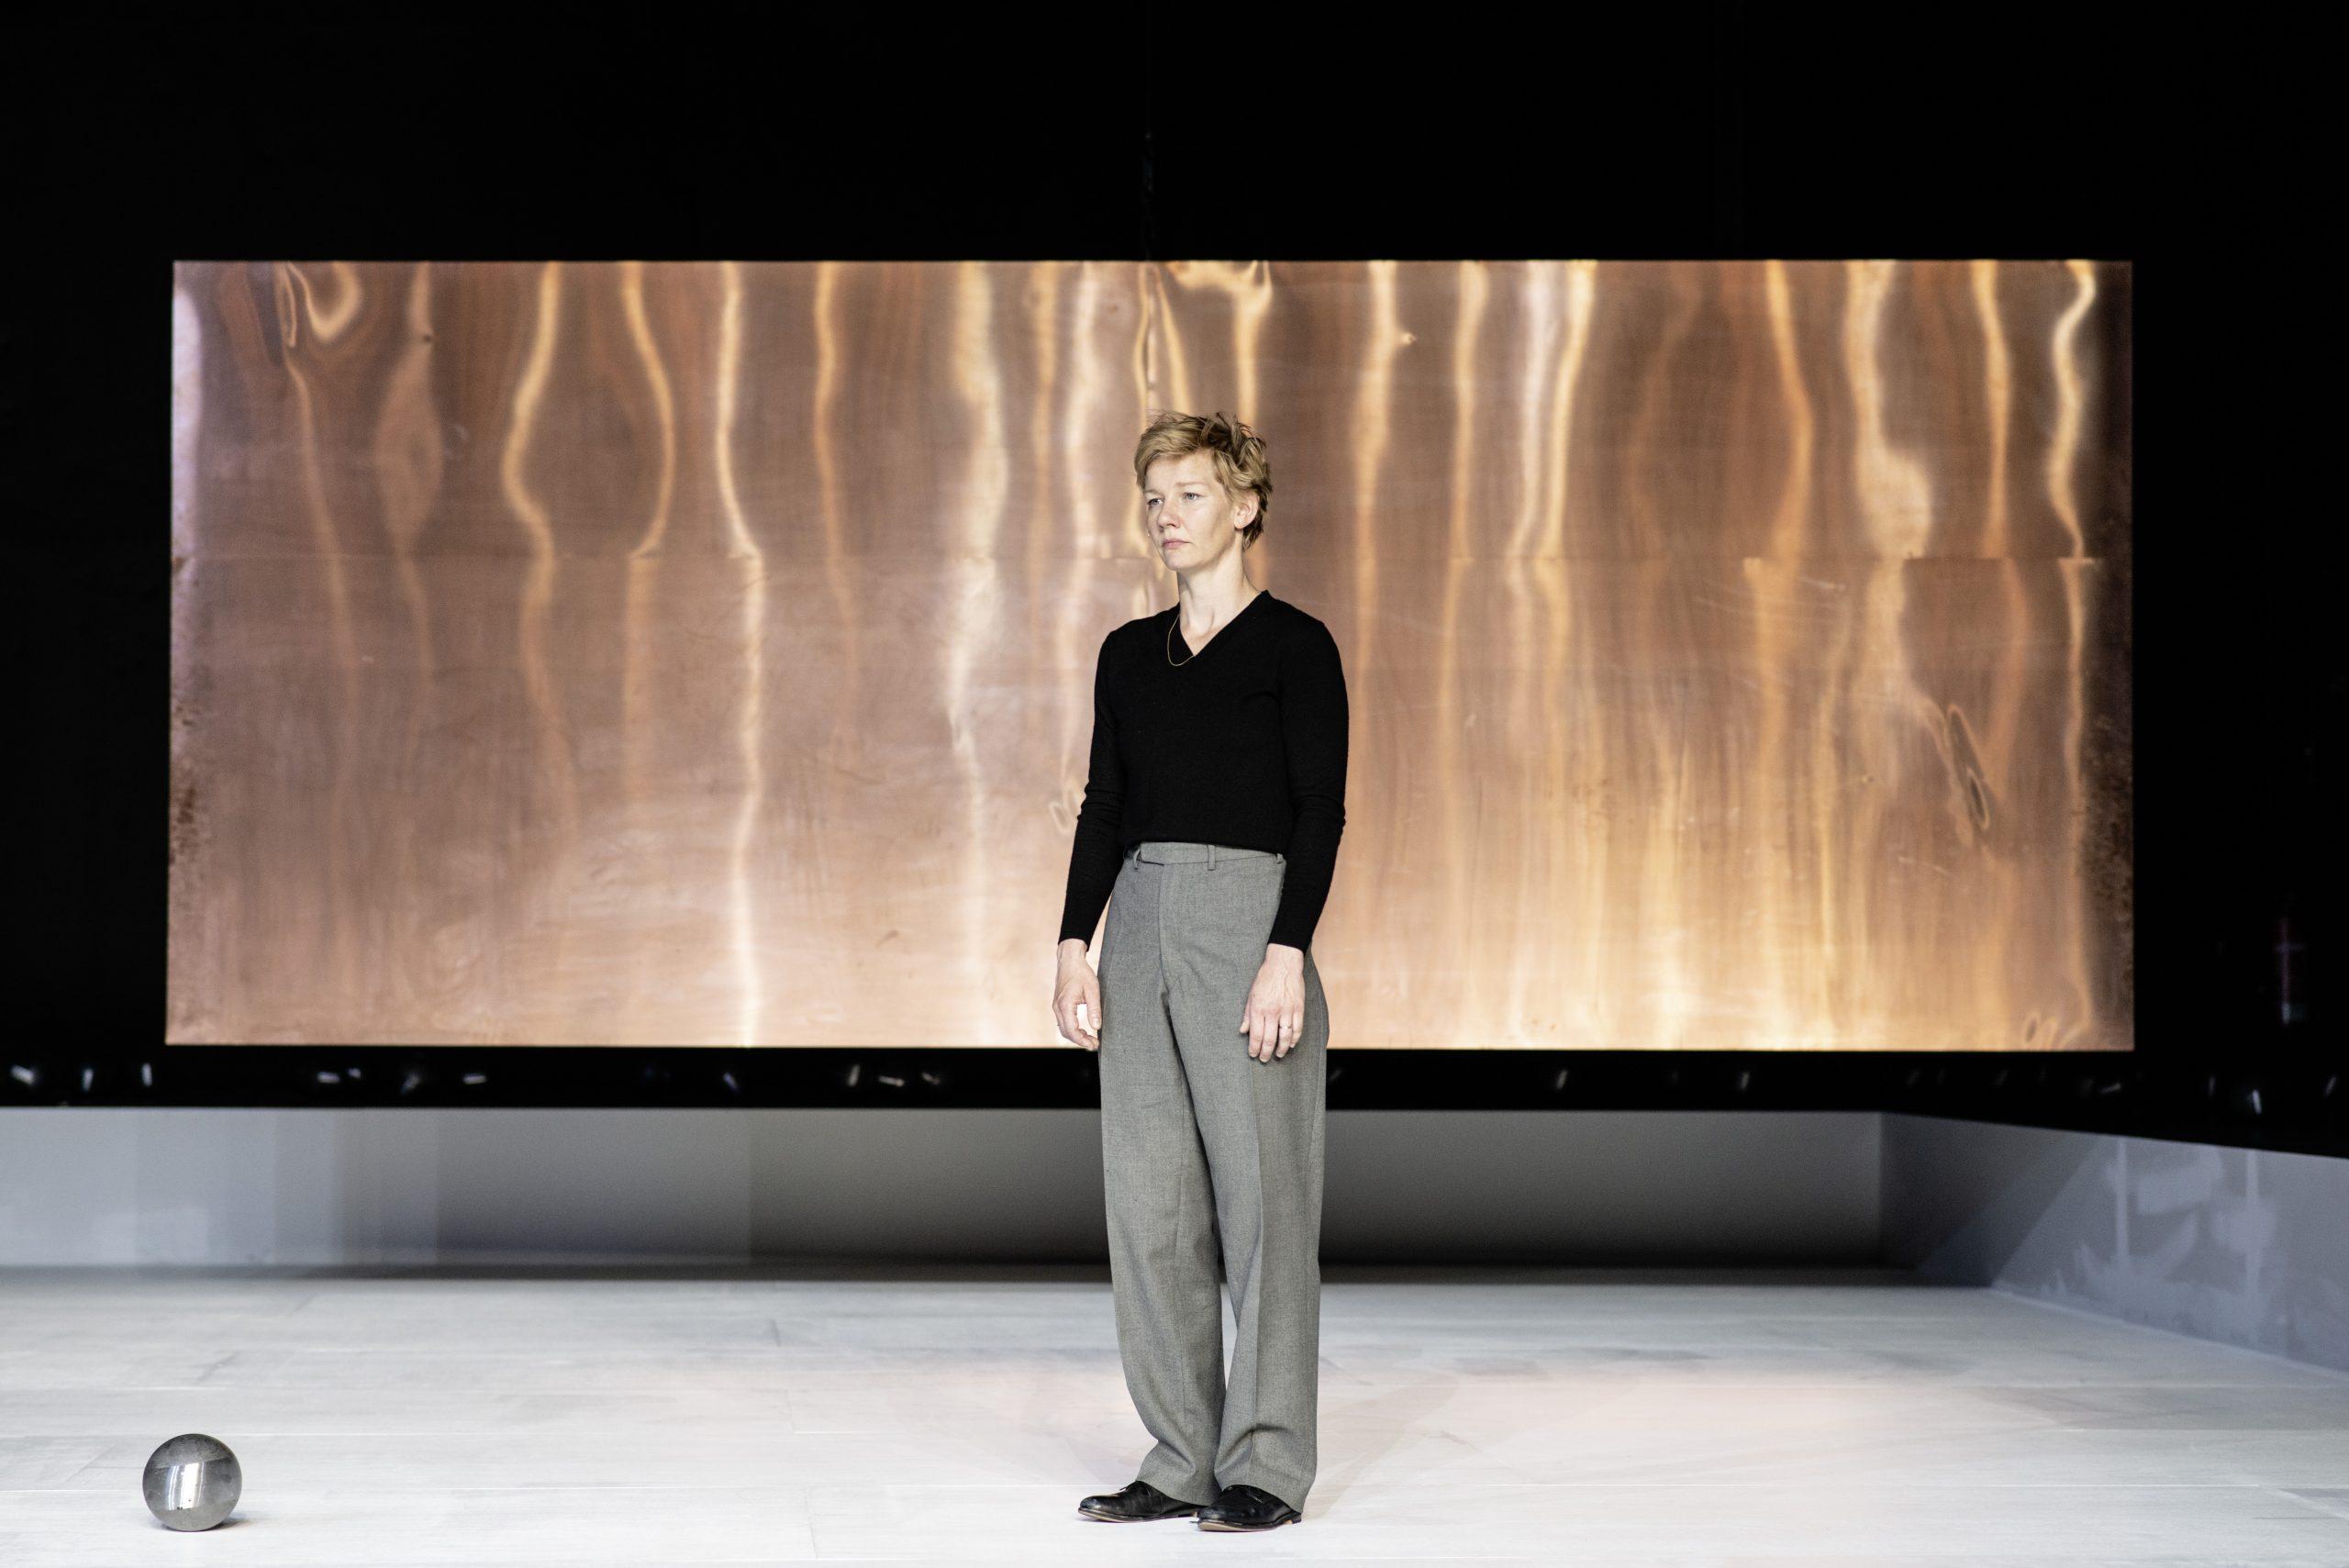 Sandra Hüller als Hamlet © JU Bochum Sandra Hüller als Hamlet steht mit hängenden Armen alleine vor einer hängenden quergelegten Kupferplatte auf einem weißen Bühnenboden. In einer Körperlänge Entfernung liegt eine grau-metallisch glänzende Kugel über die sie hinwegschaut.